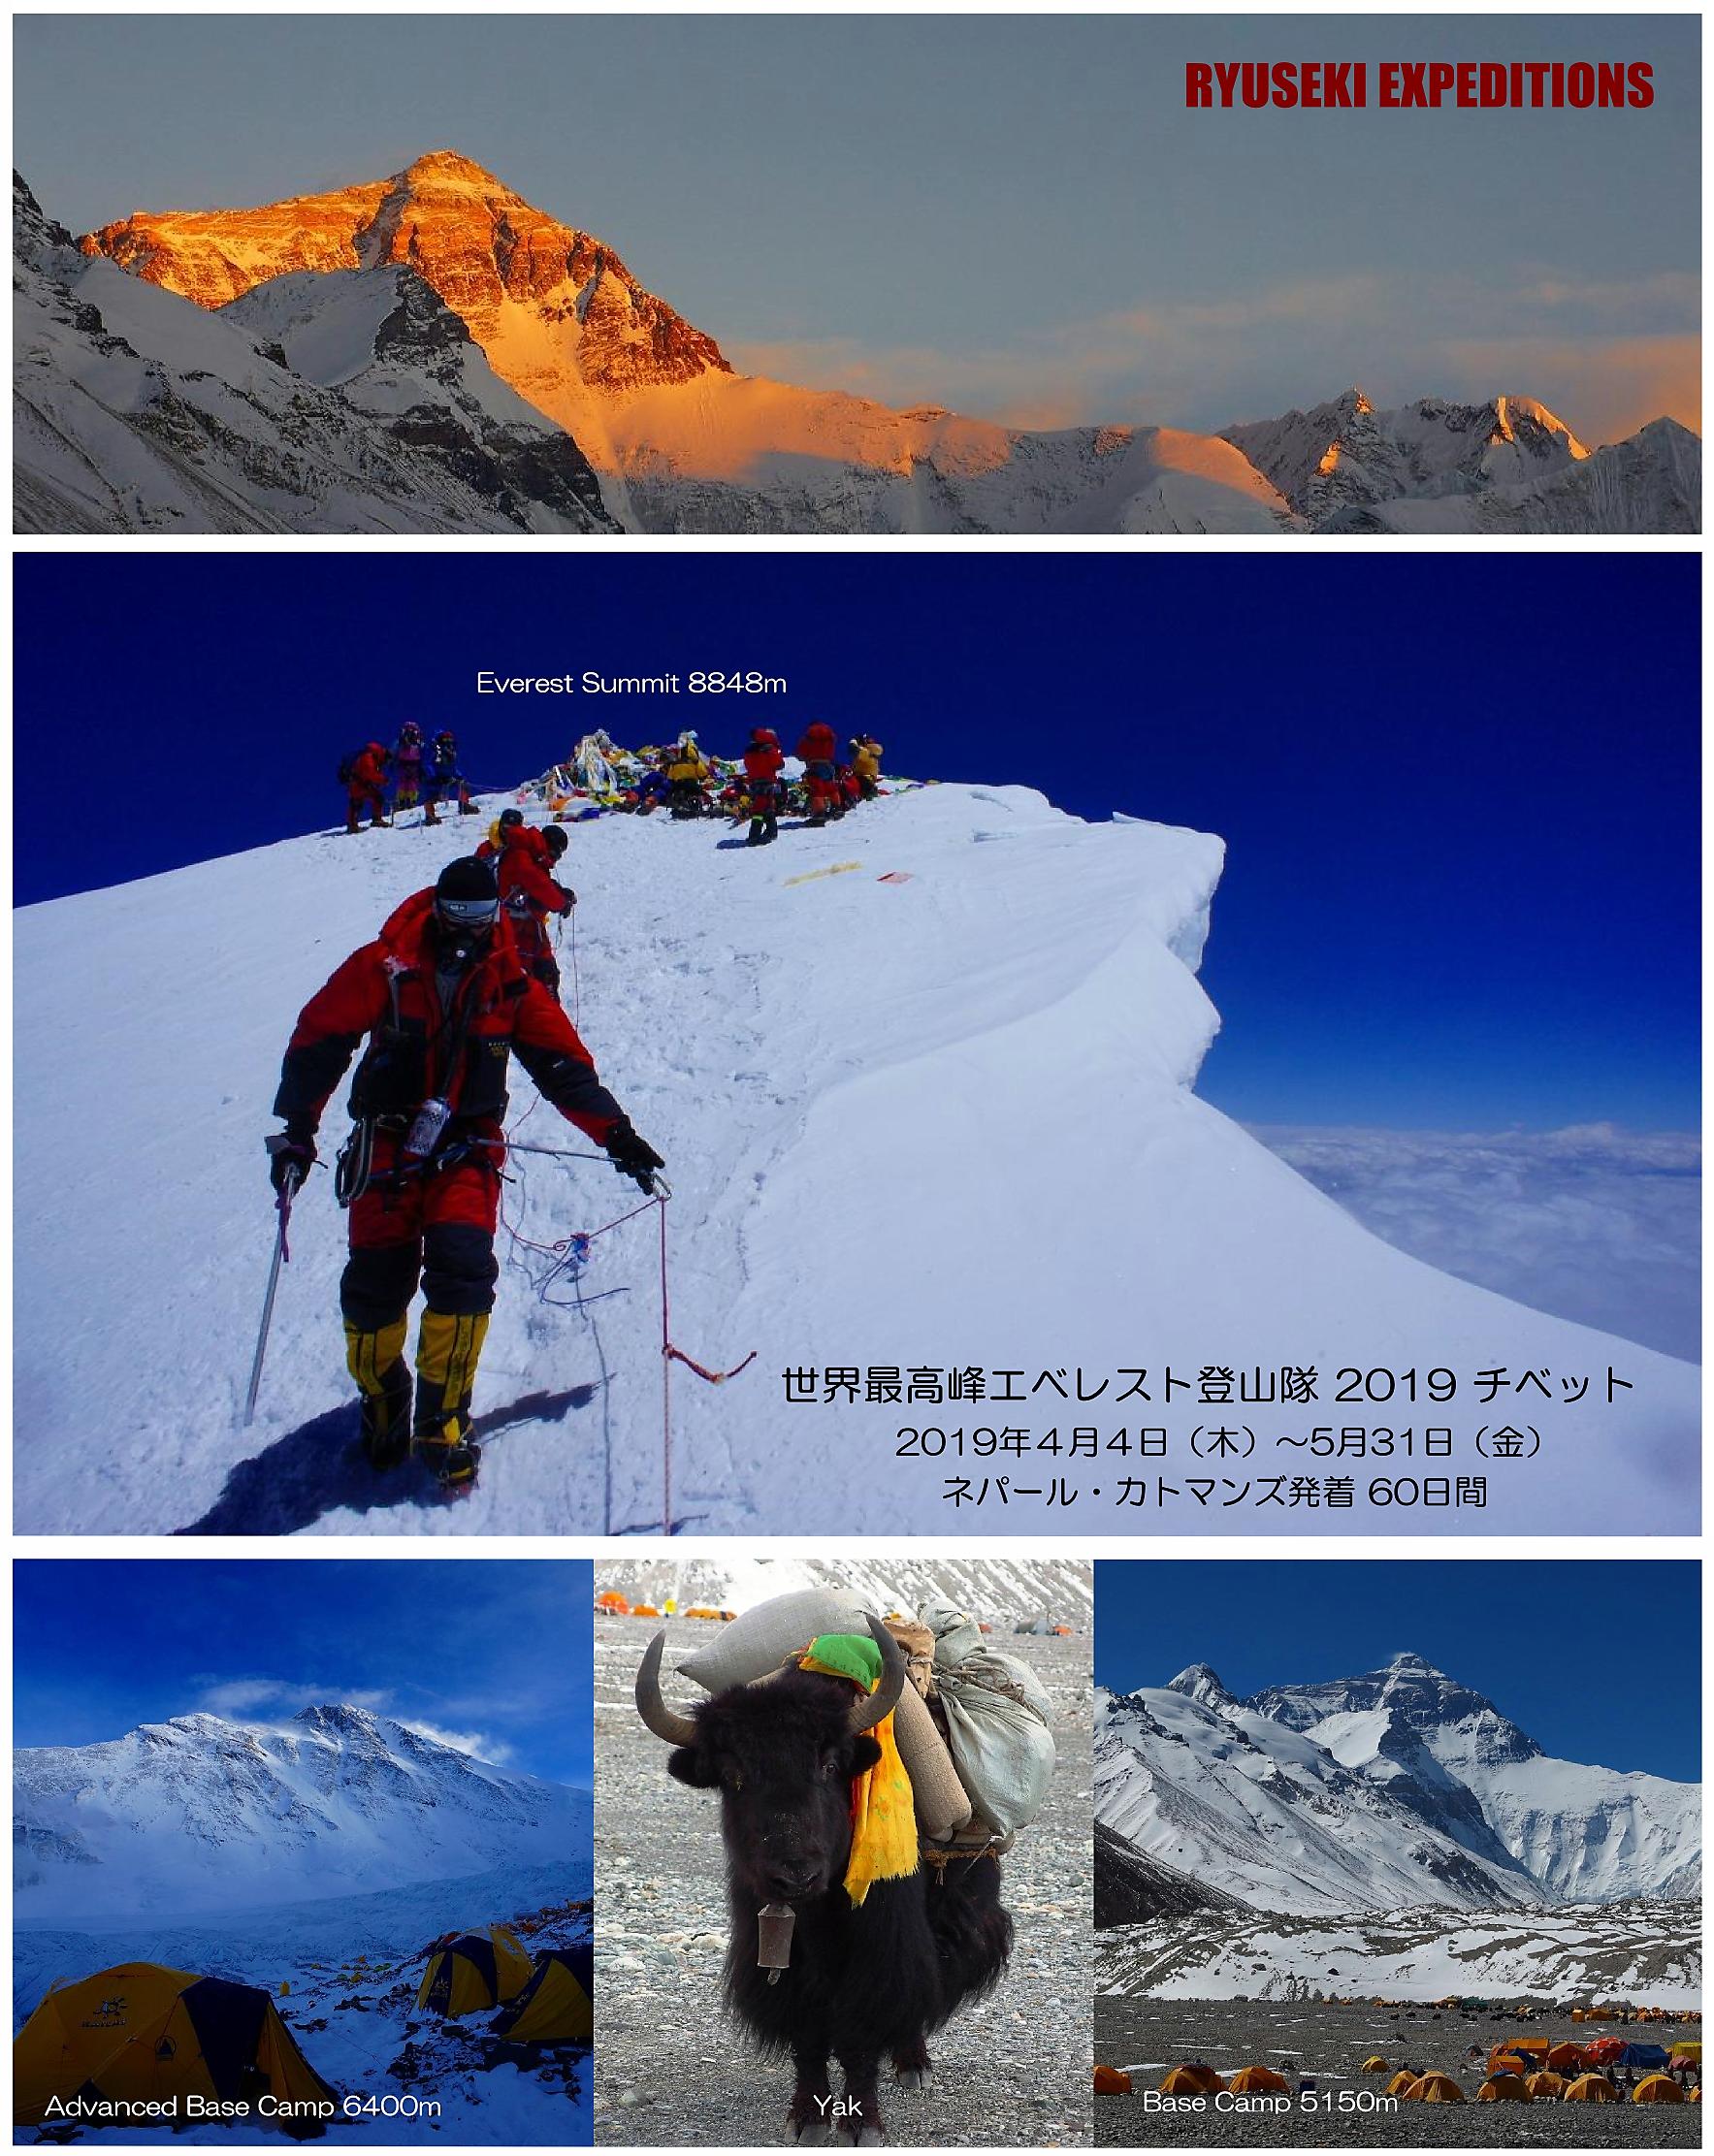 世界最高峰エベレスト登山隊2019チベット 8848m 基本日程と参加費用の改訂のお知らせ